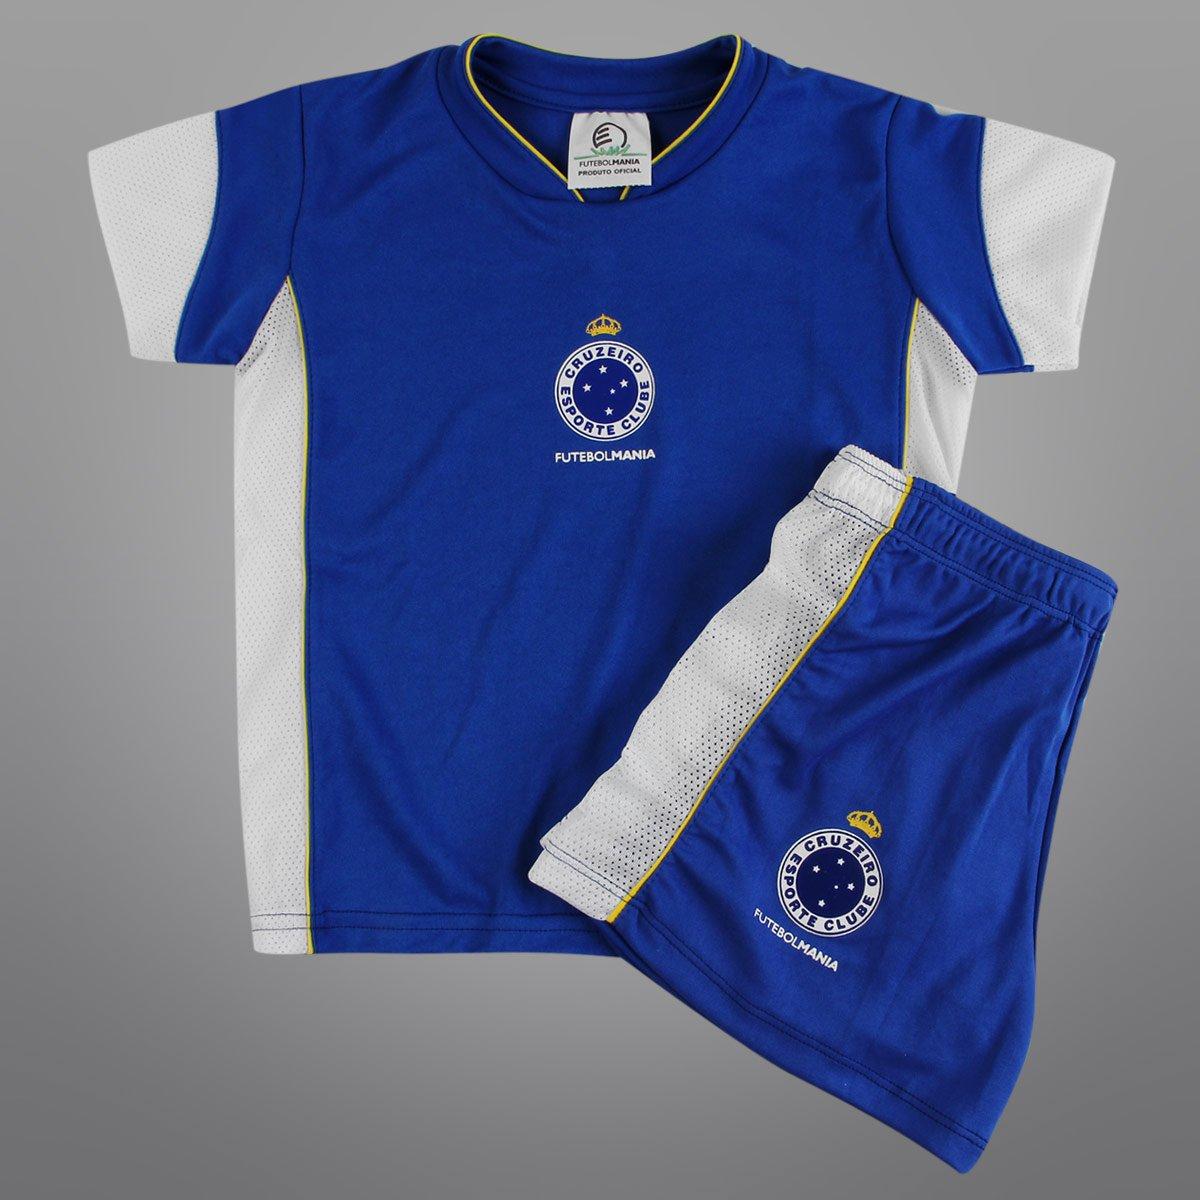 6f6a4c7829 Conjunto Cruzeiro Dry c  2 peças Infantil - Compre Agora